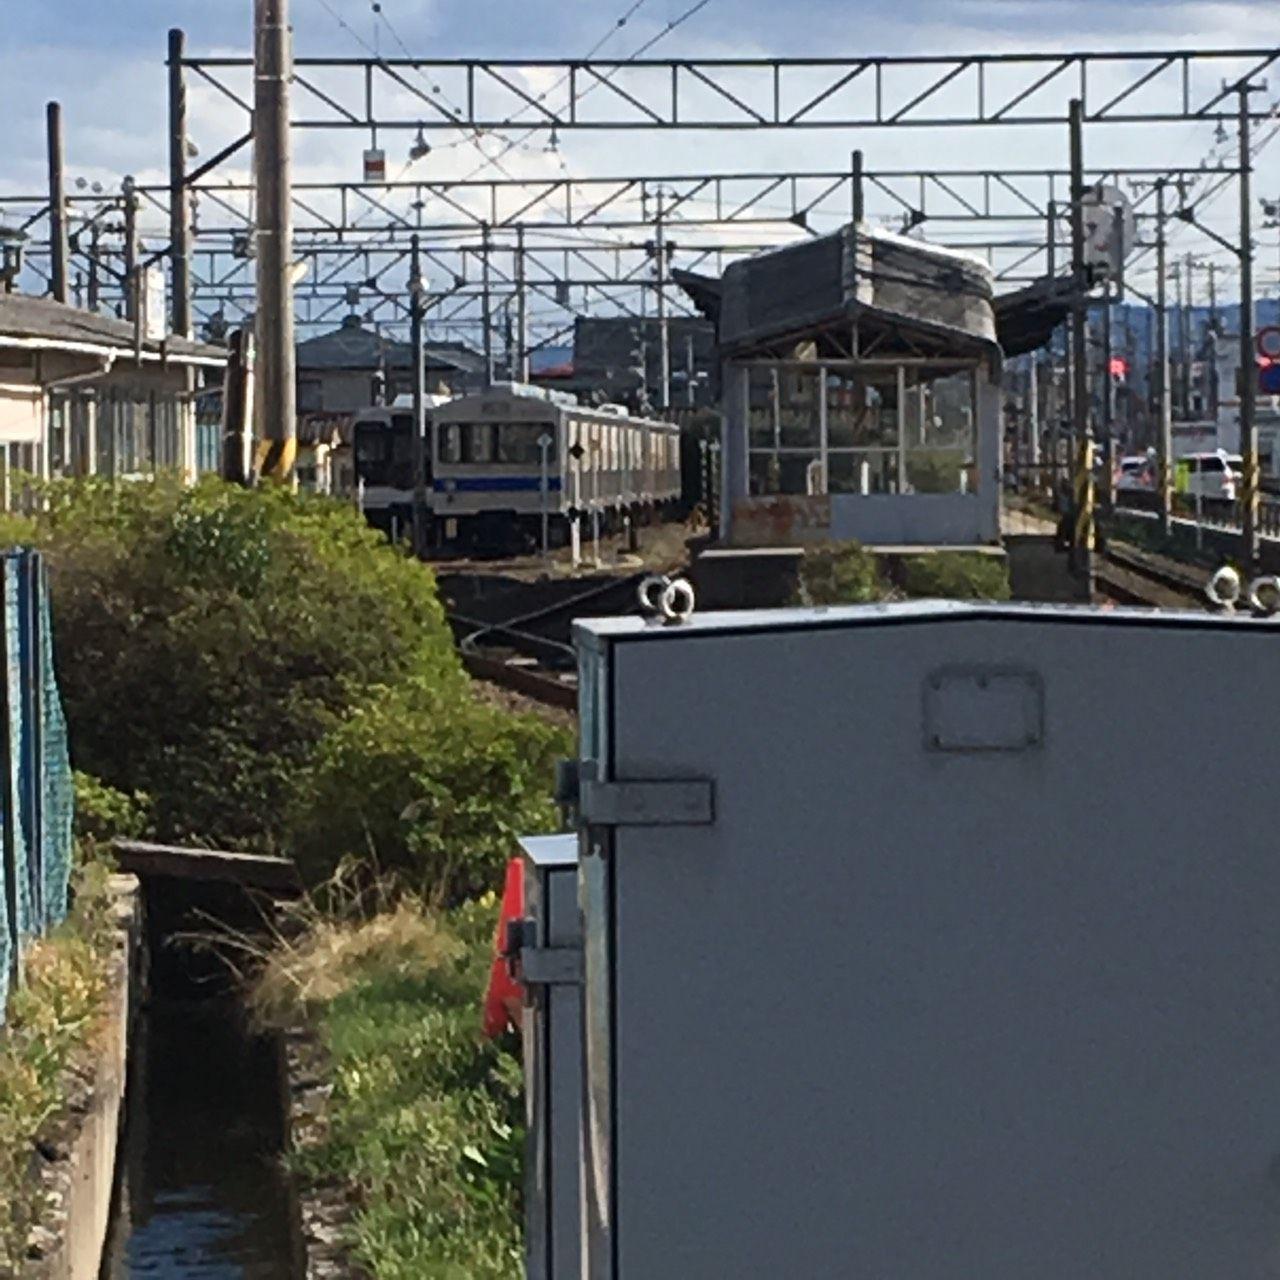 福島交通7000系 桜水駅 | 鉄道模...